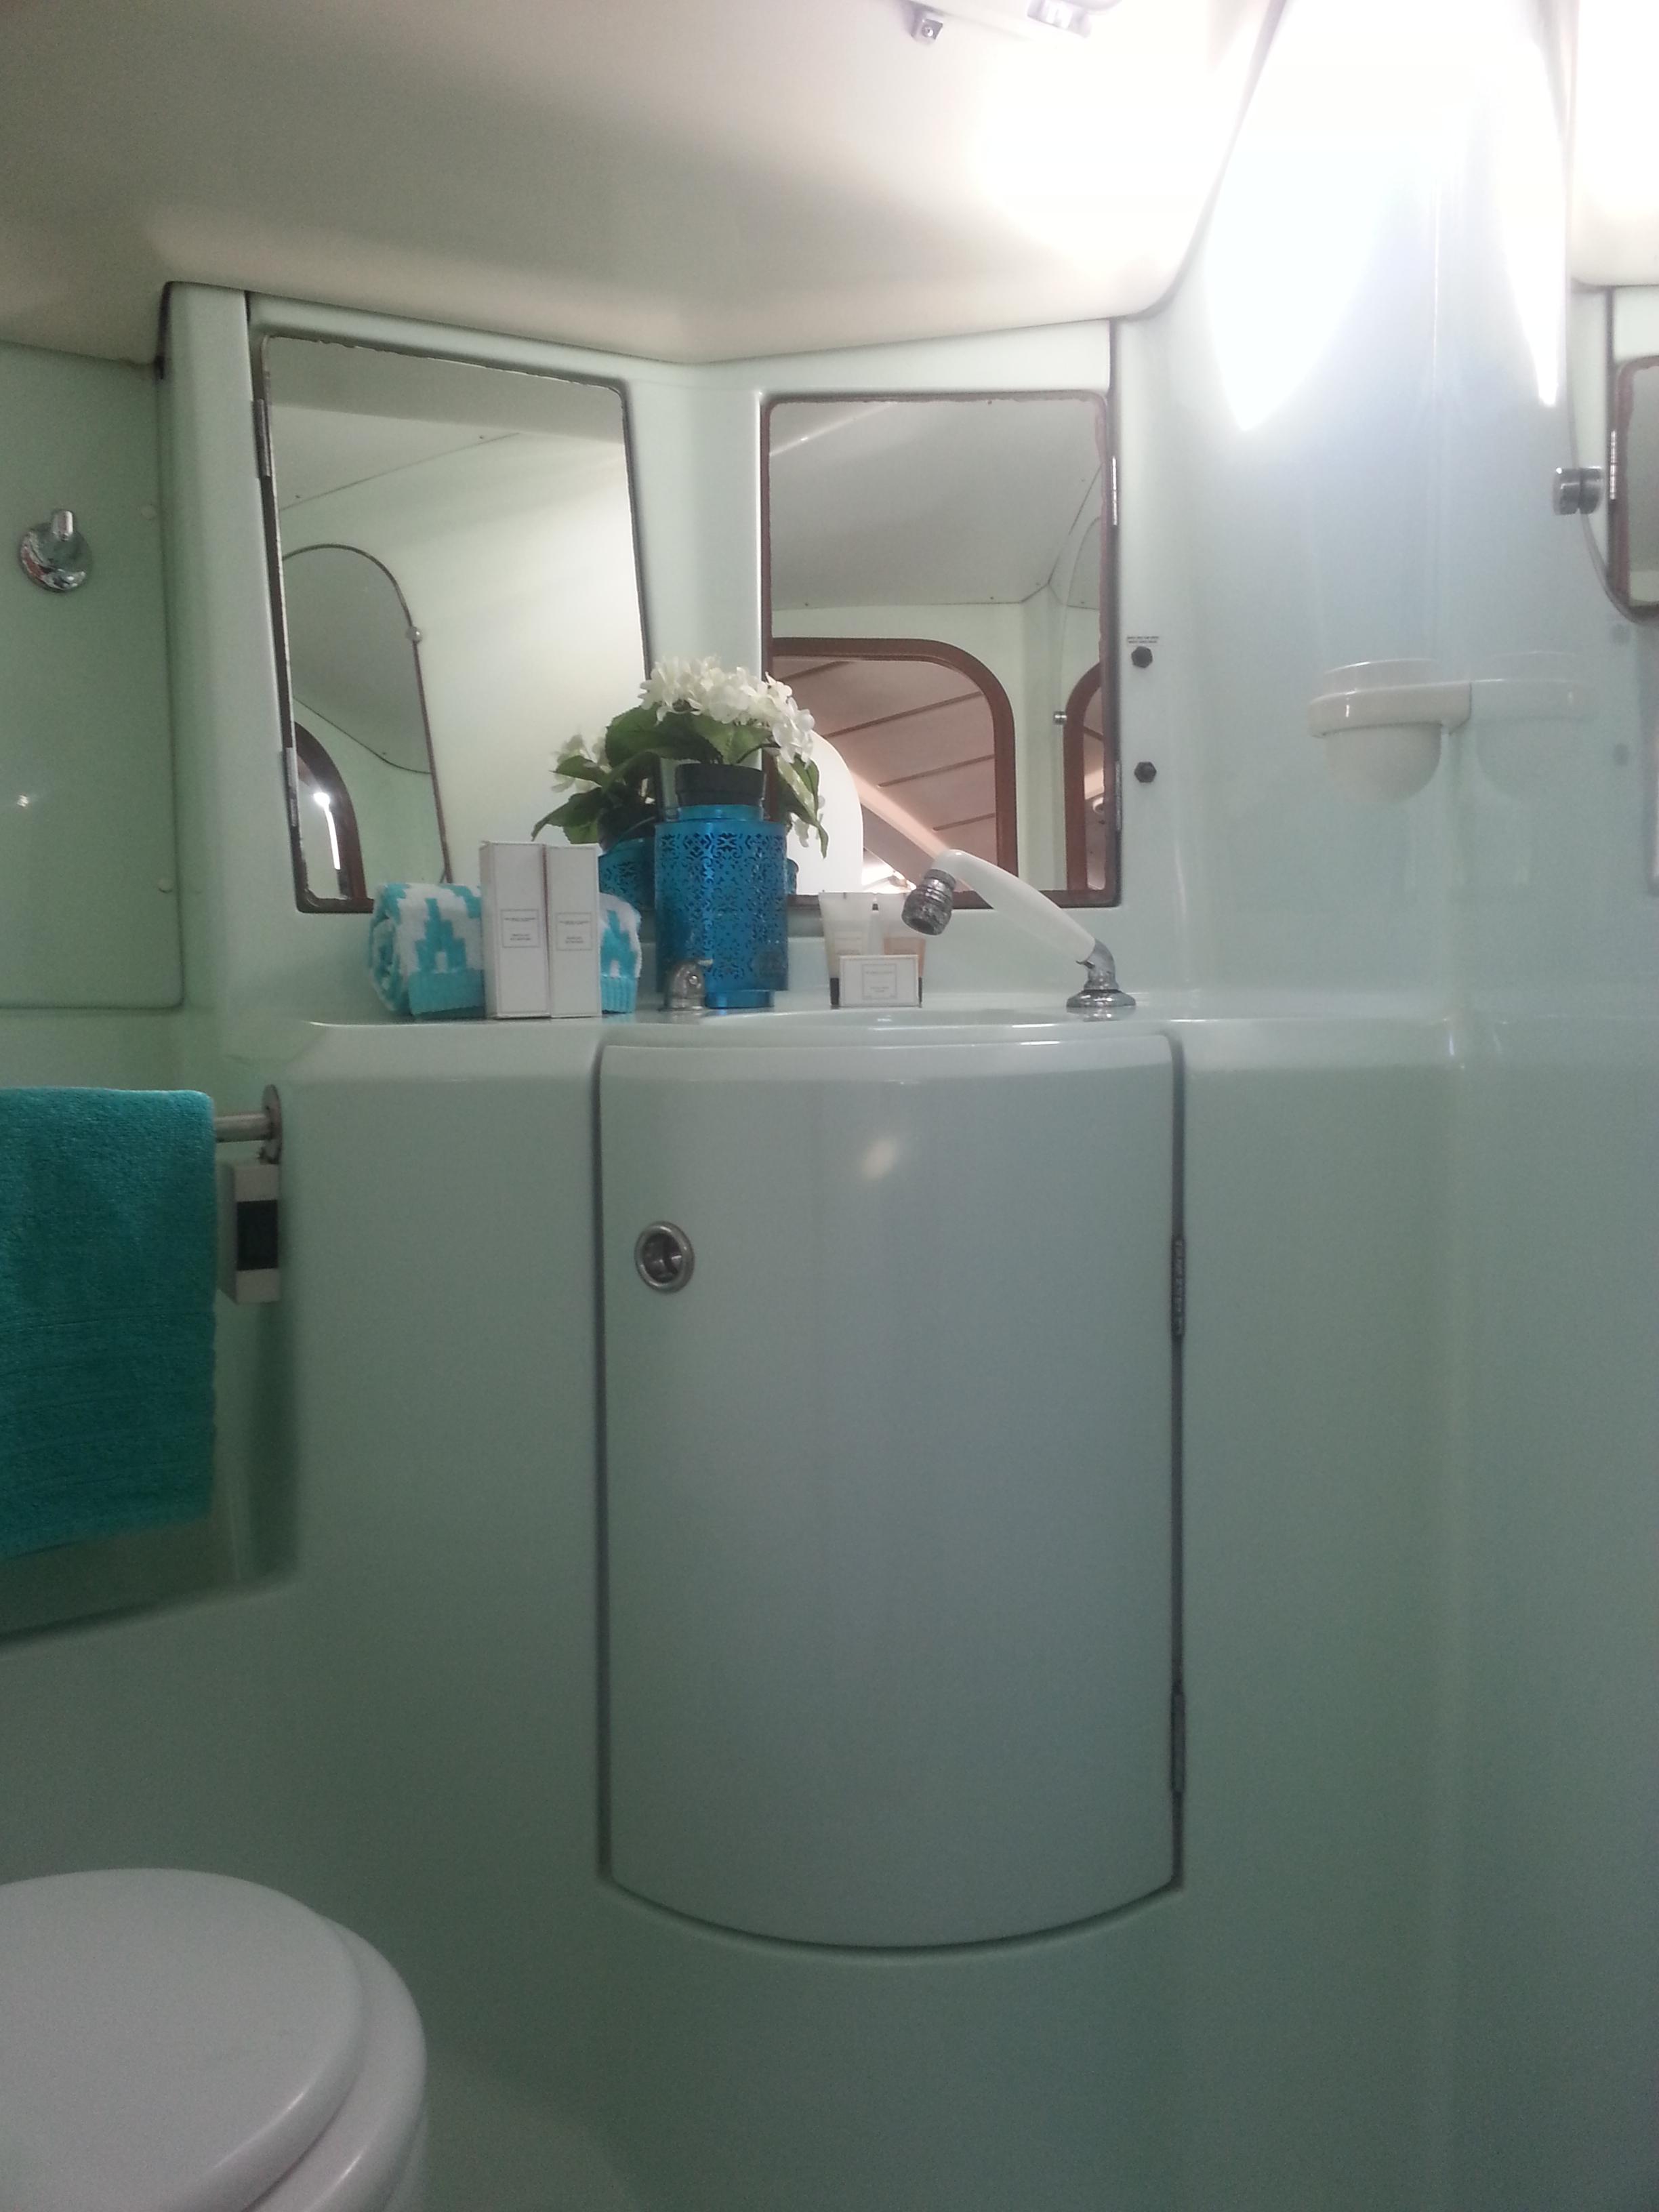 Toilet of the Oceanis 351 / Aseo del Oceanis 351